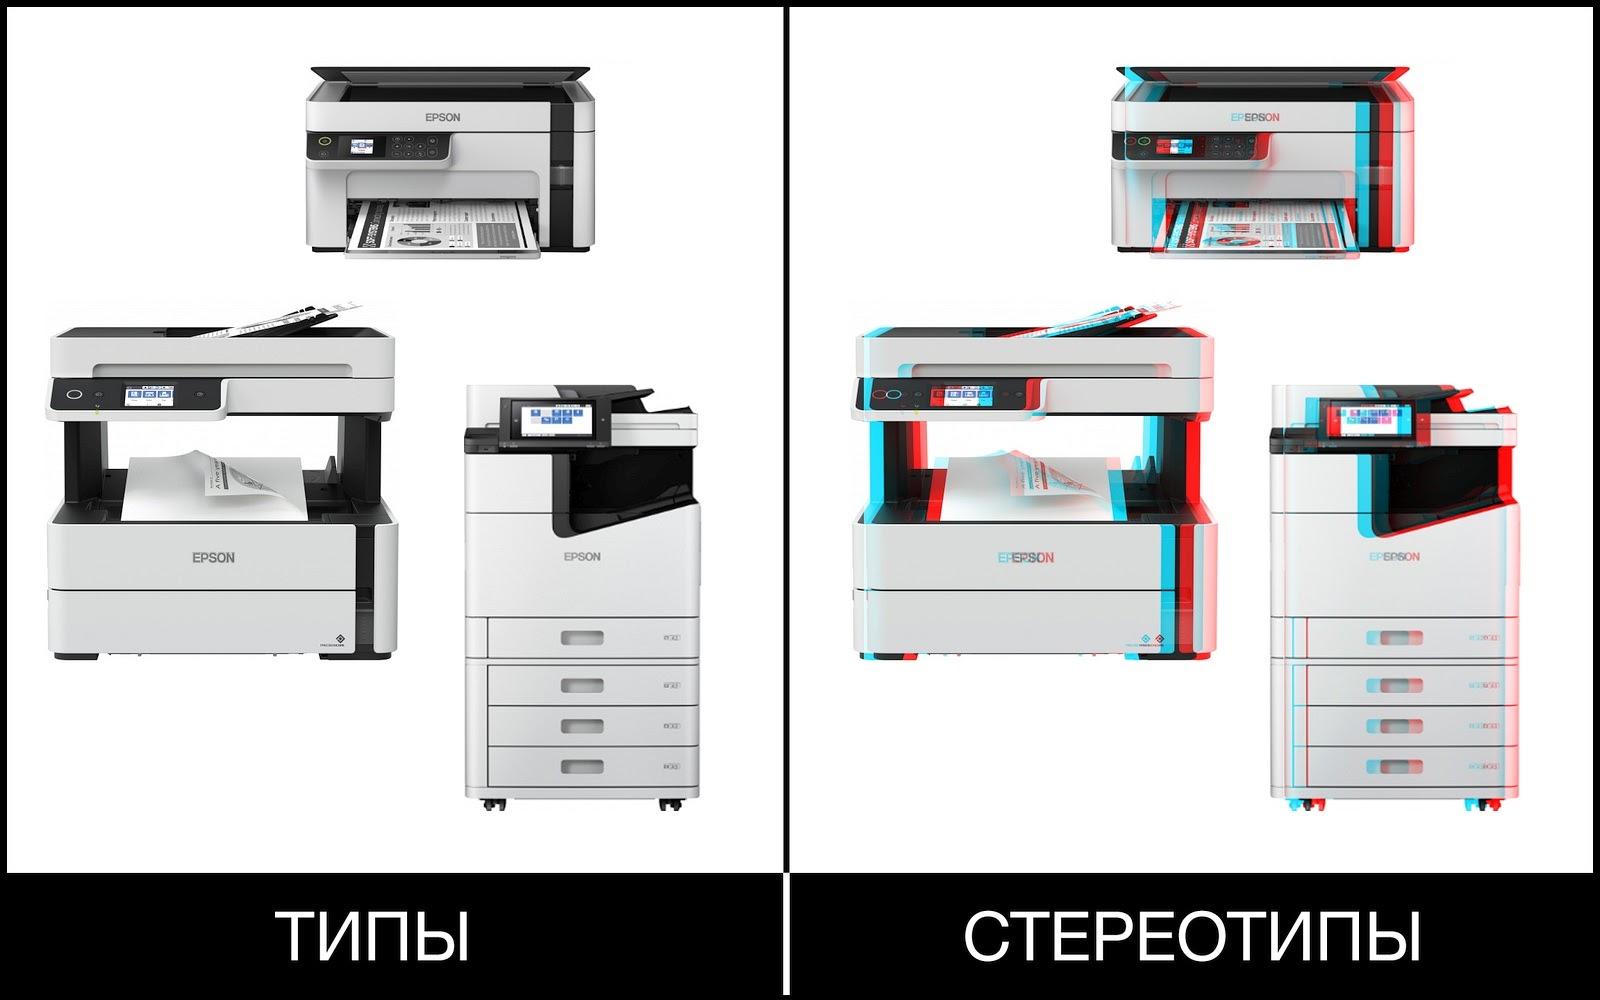 Причины роста популярности монохромных струйных принтеров и для кого вообще созданы МОНОХРОМНЕ струйные принтеры Epson